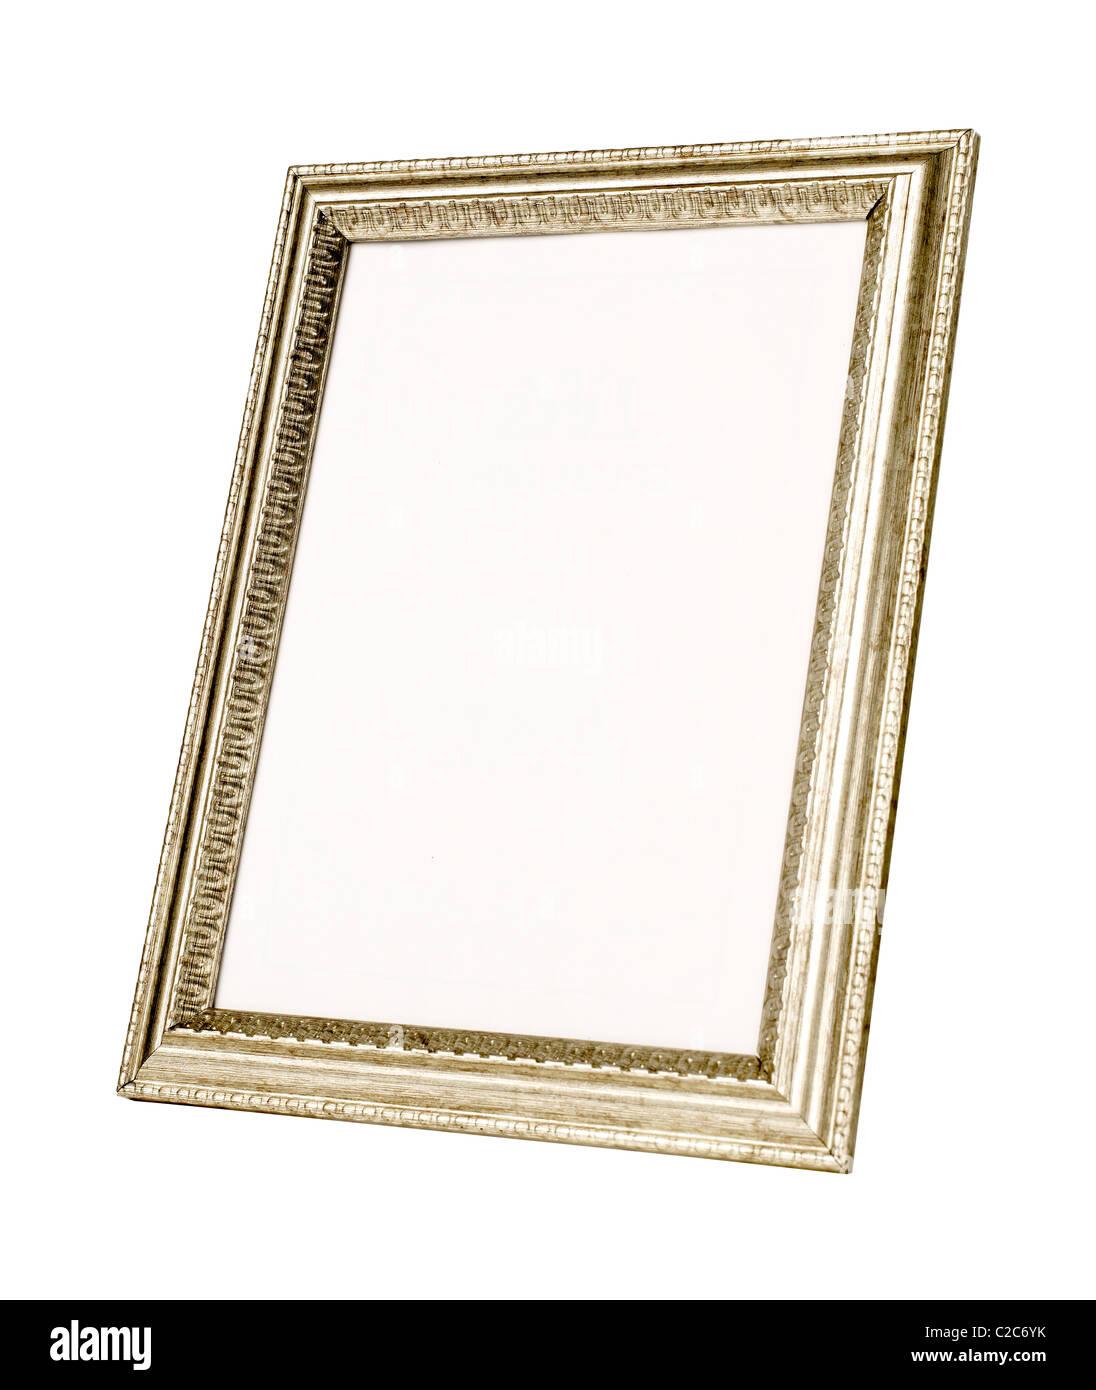 Niedlich Gemälderahmen Diy Fotos - Benutzerdefinierte Bilderrahmen ...